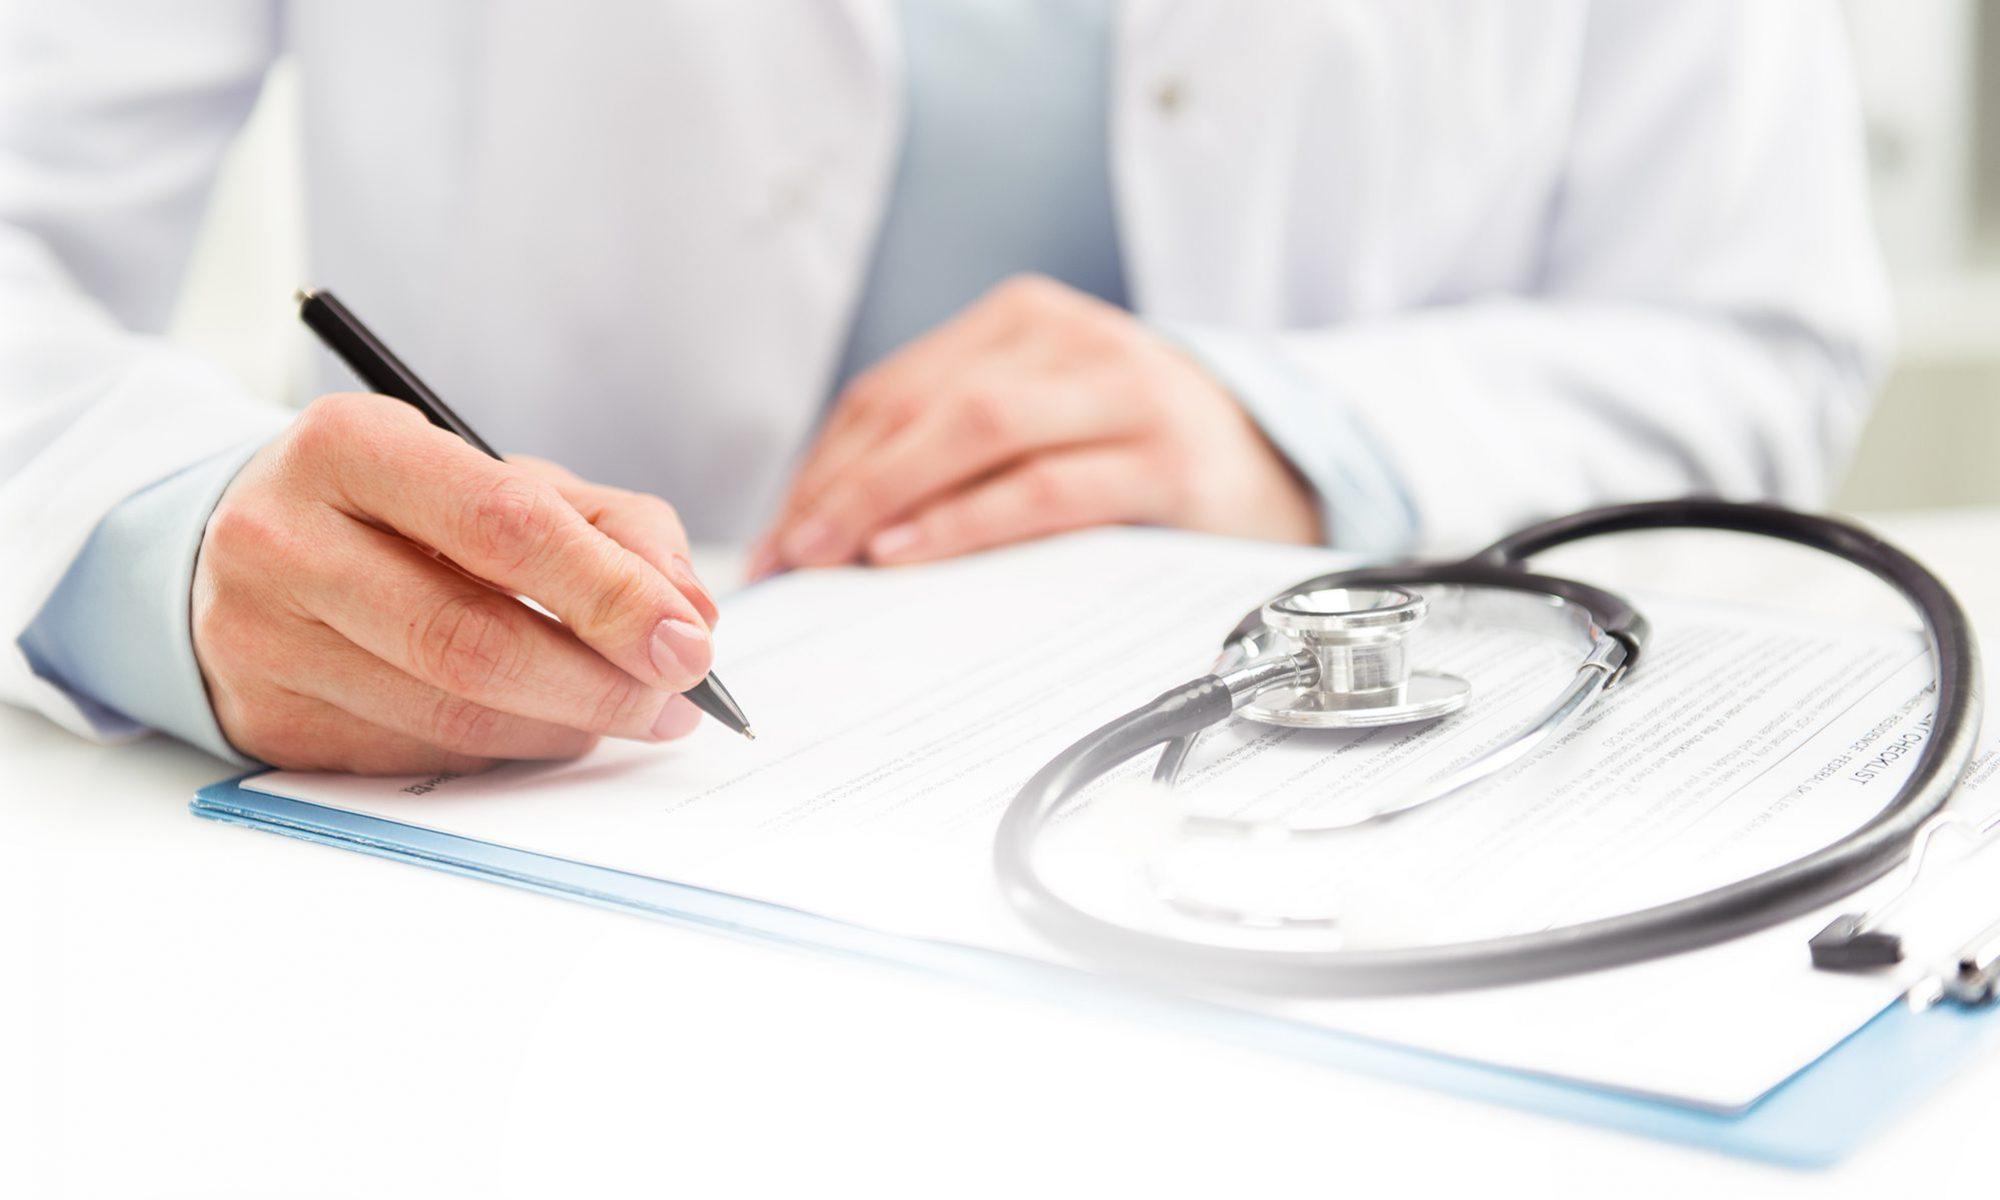 Hausarztpraxis Dr. Frey, Dr. Saliger & Kürschner